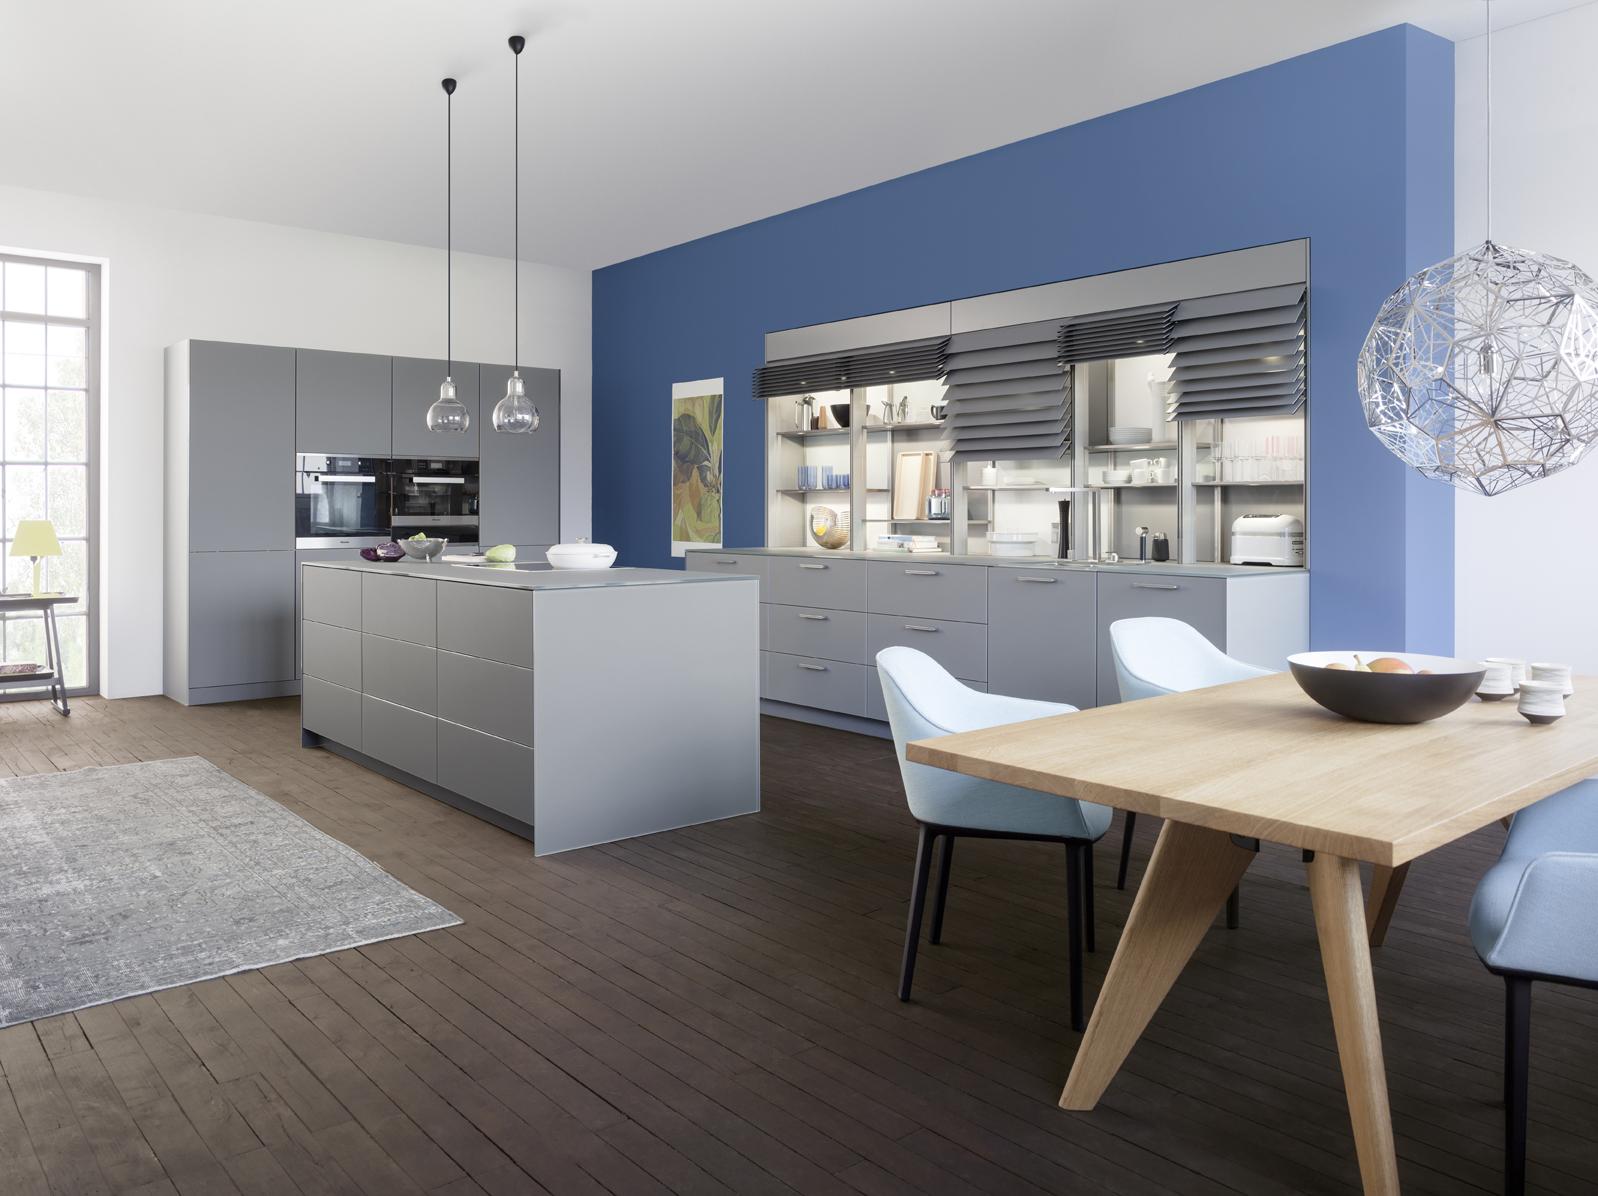 Full Size of Alternative Küchen Leicht Kchen Ag Ist Innovativste Marke Des Jahres Tag Der Regal Sofa Alternatives Wohnzimmer Alternative Küchen